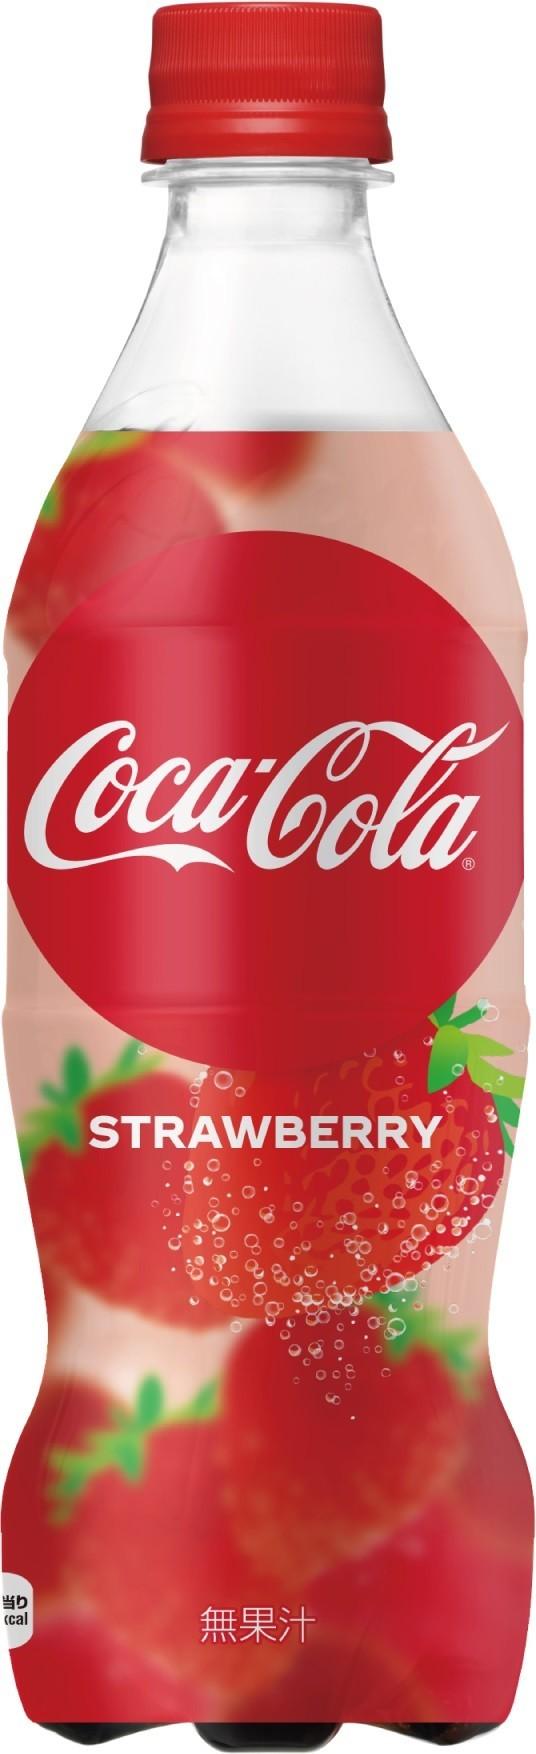 コーラのおいしさと旬のフルーツがマッチ 世界初のイチゴフレーバー